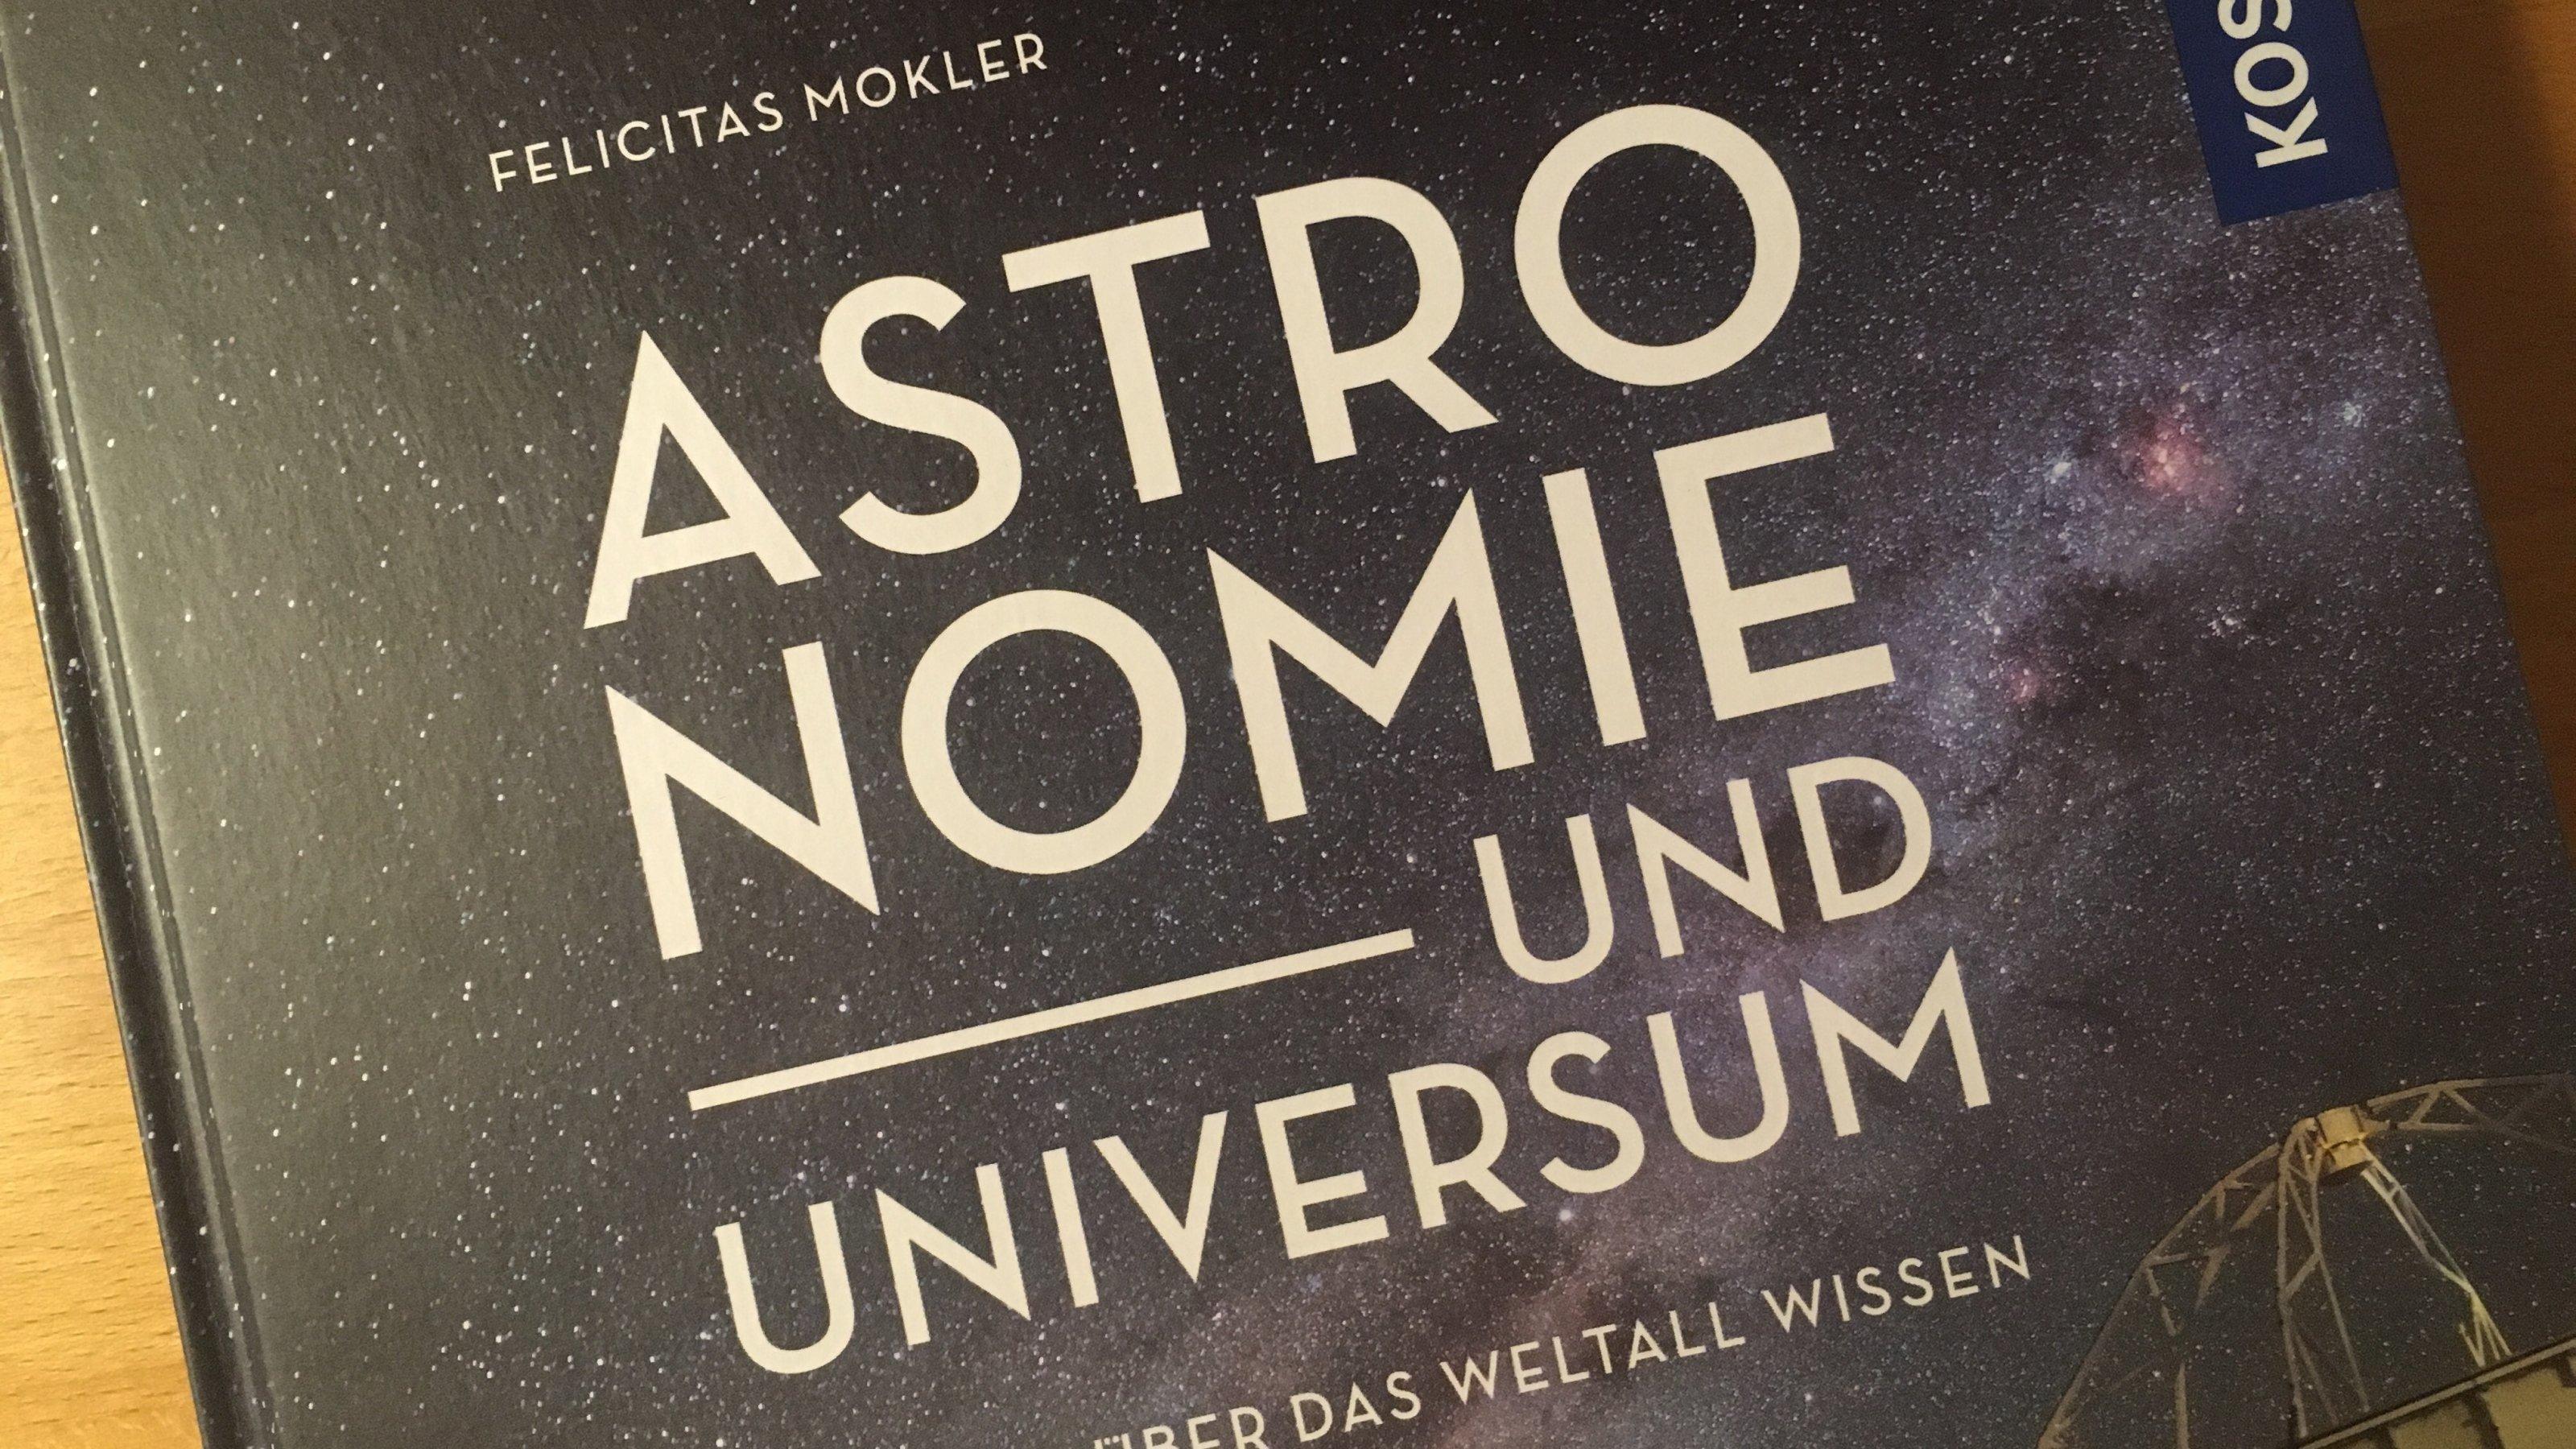 """Titelseite des Buchs """"Astronomie und Universum"""" von Felicitas Mokler aus der Kosmos.Verlag"""